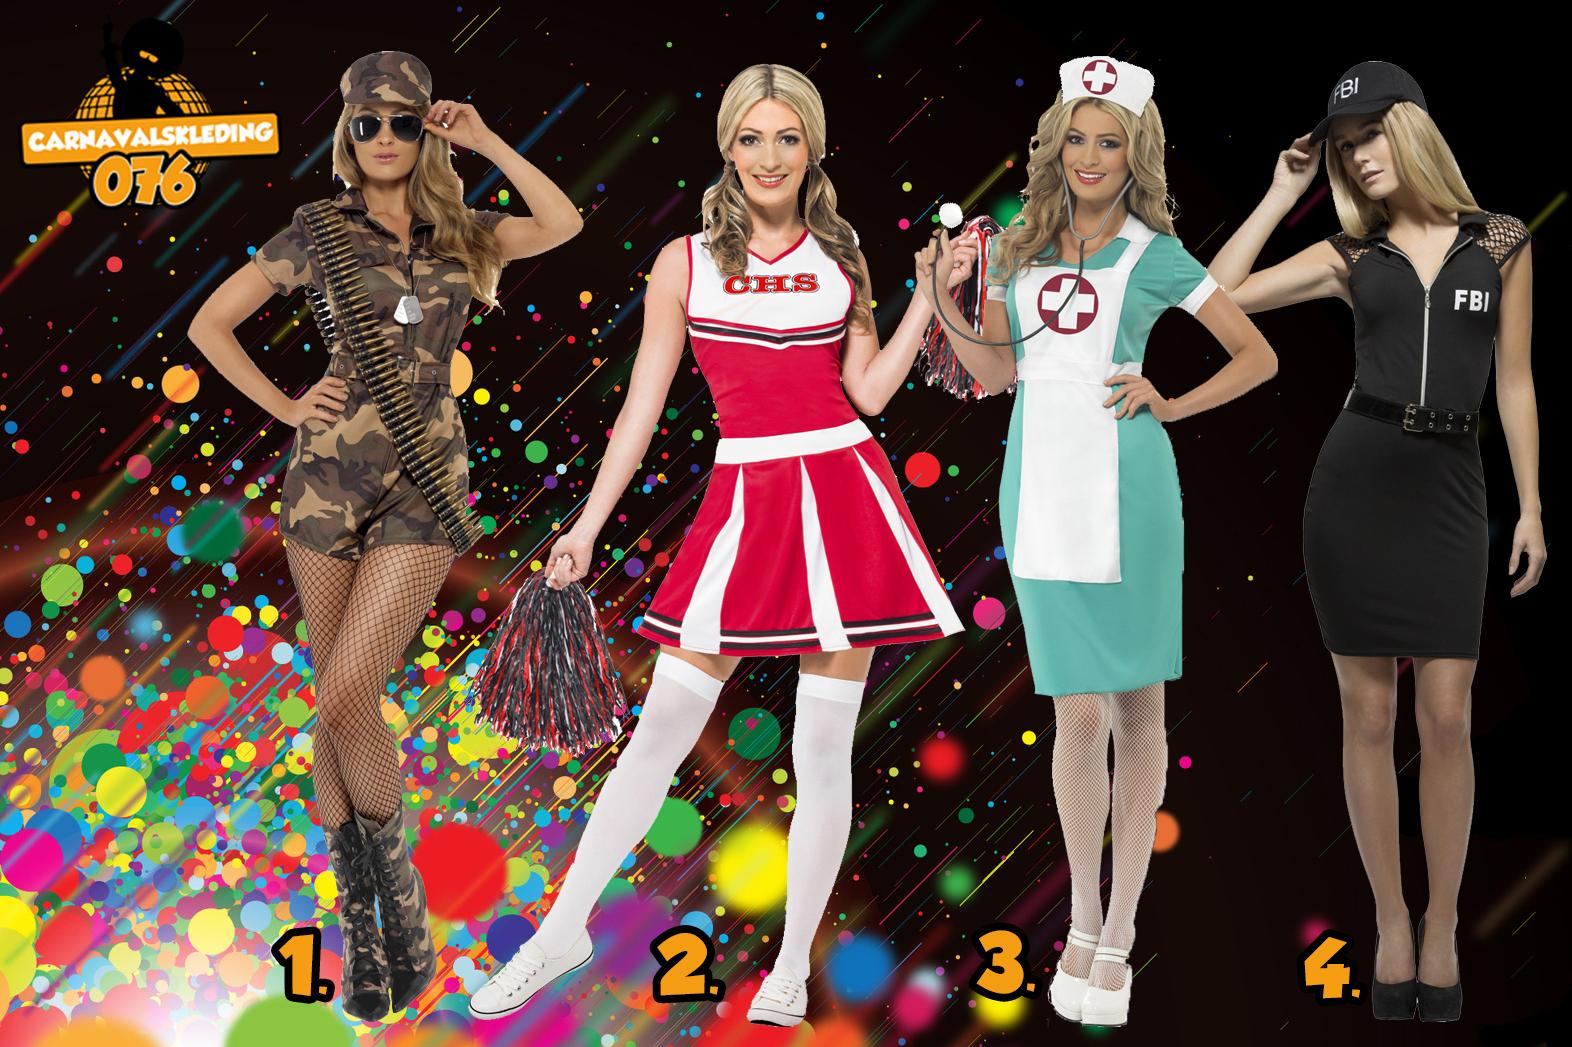 Carnavalskleding Dames 2019.Blog Carnaval Trends 2019